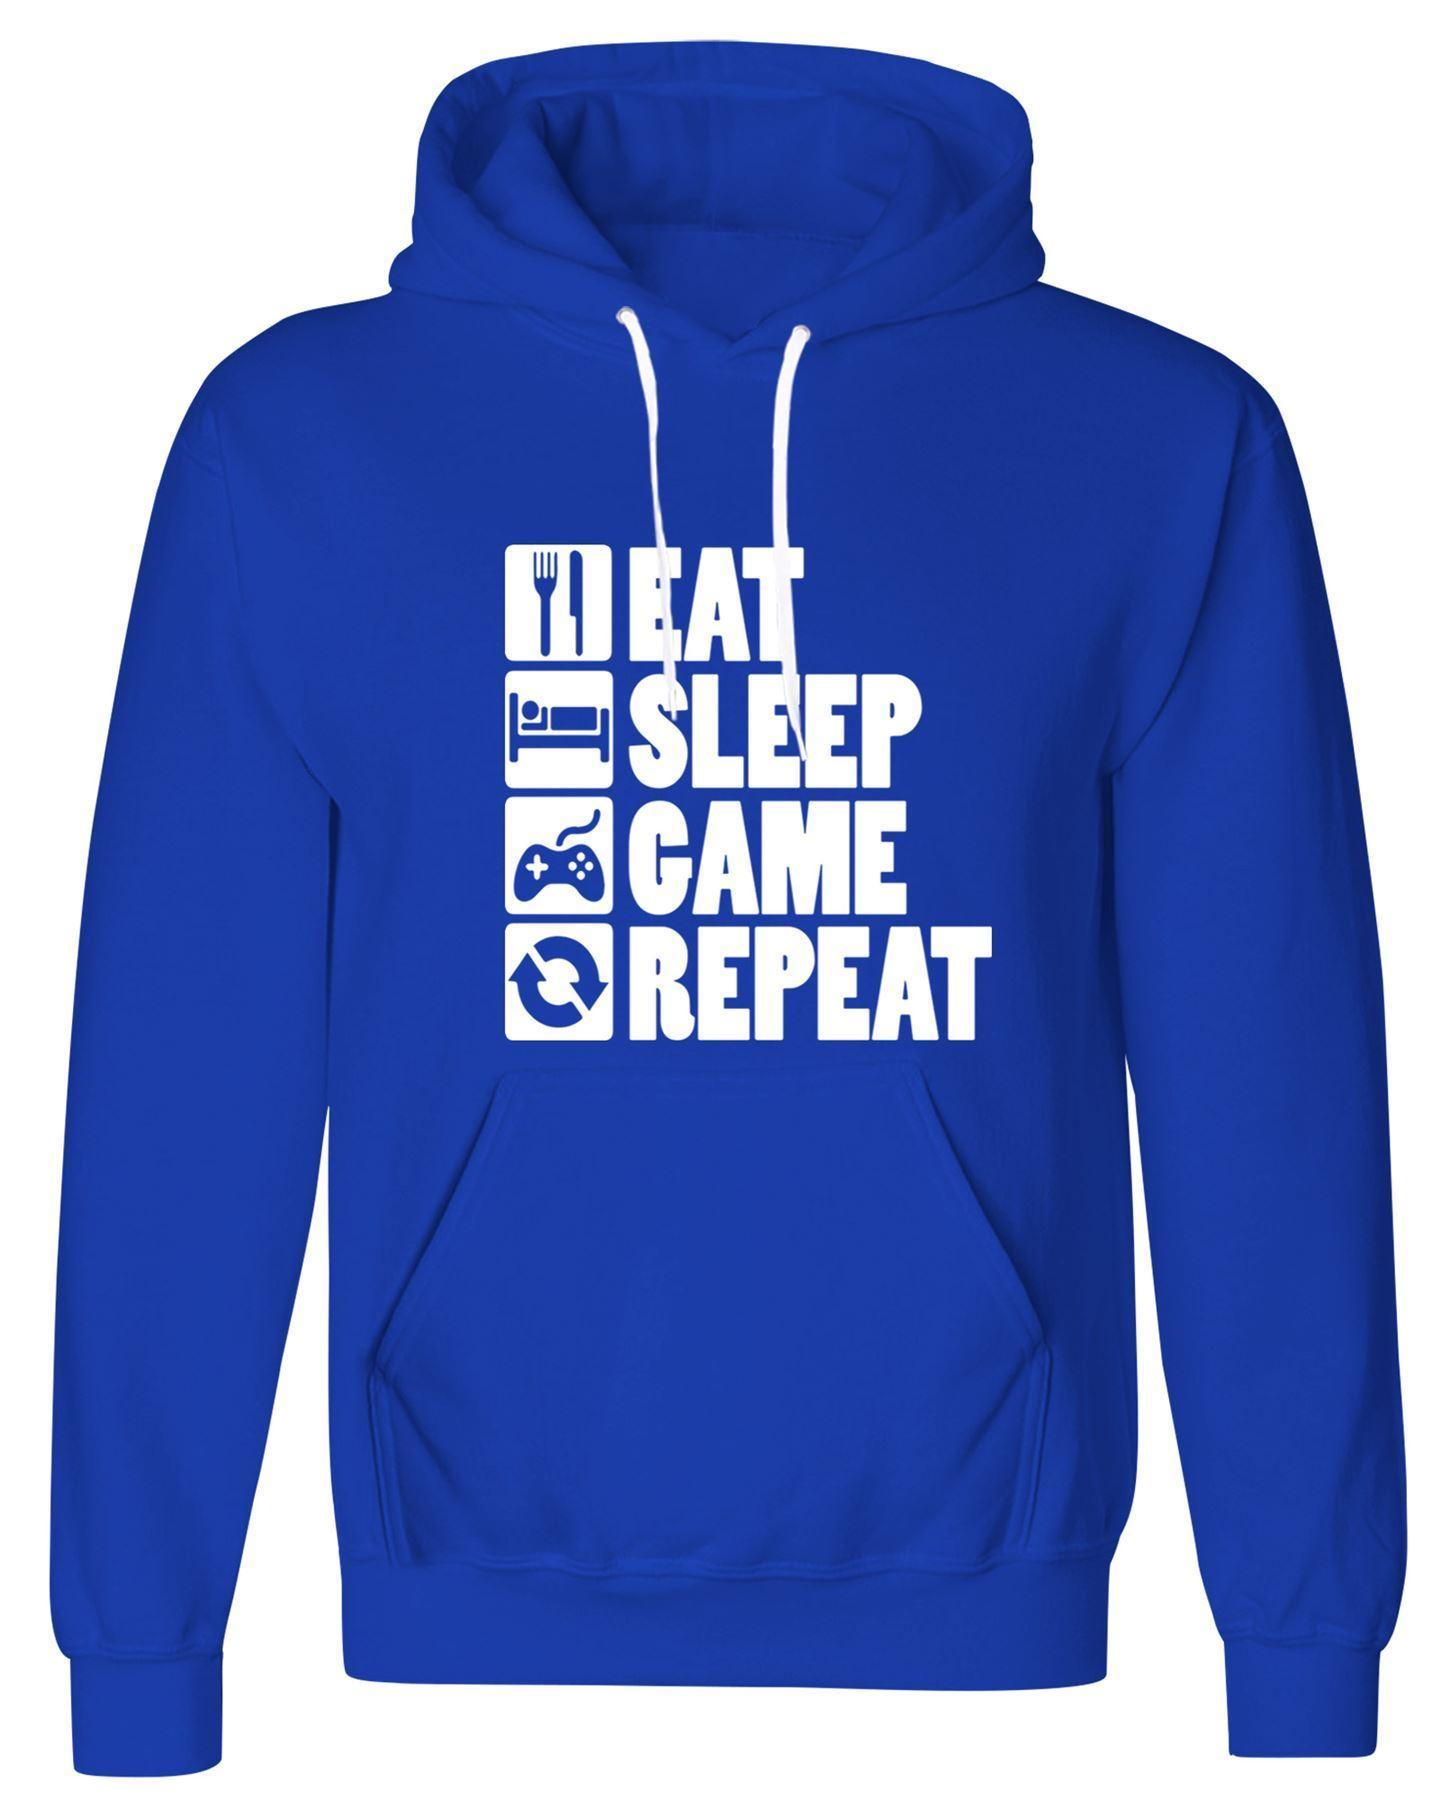 Video game hoodies